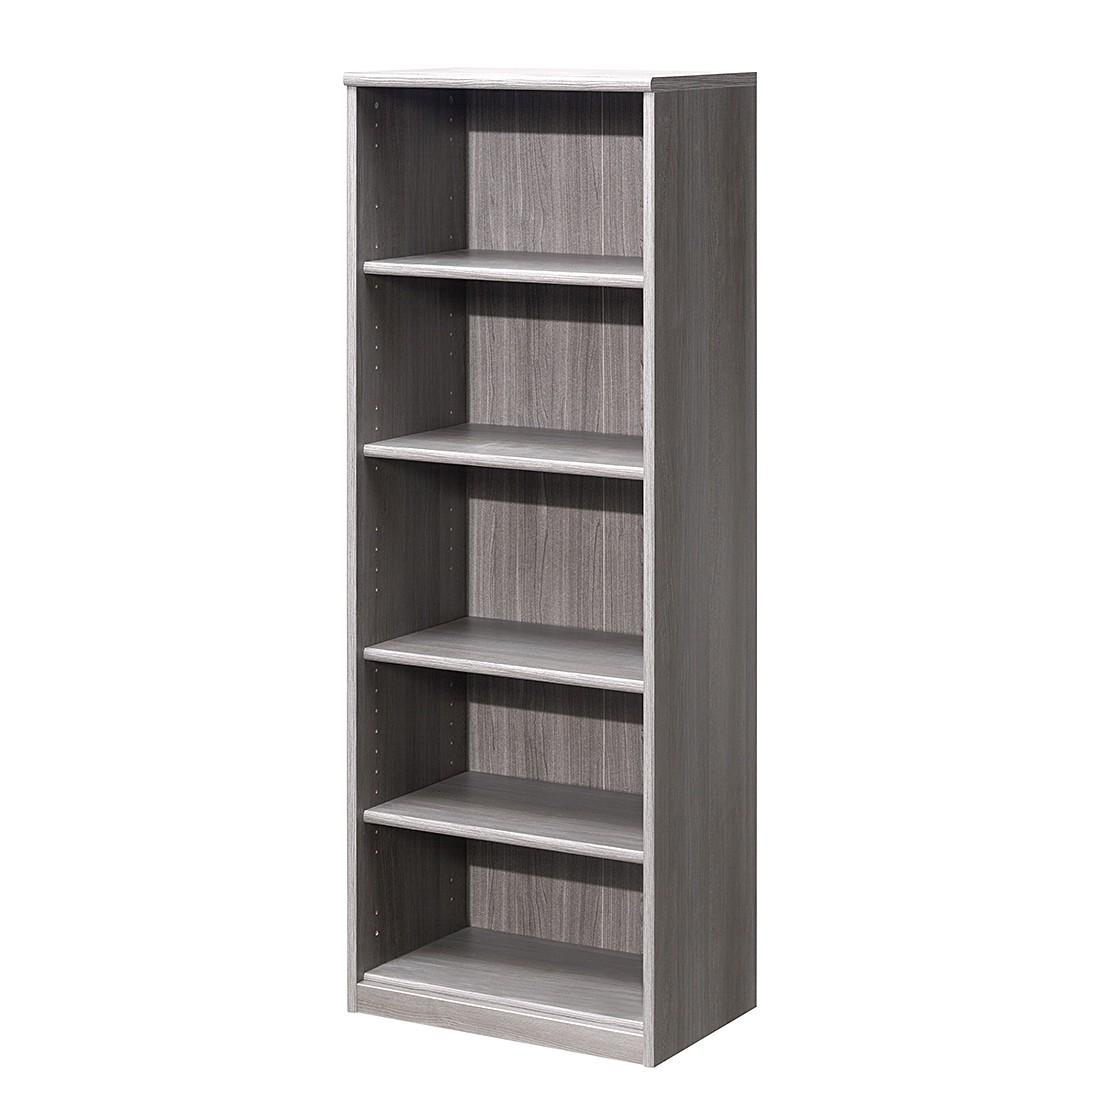 Open kast Soft Plus I - zilver eikenhoutimitatie - vakken: 5 - 148cm, Cs Schmal